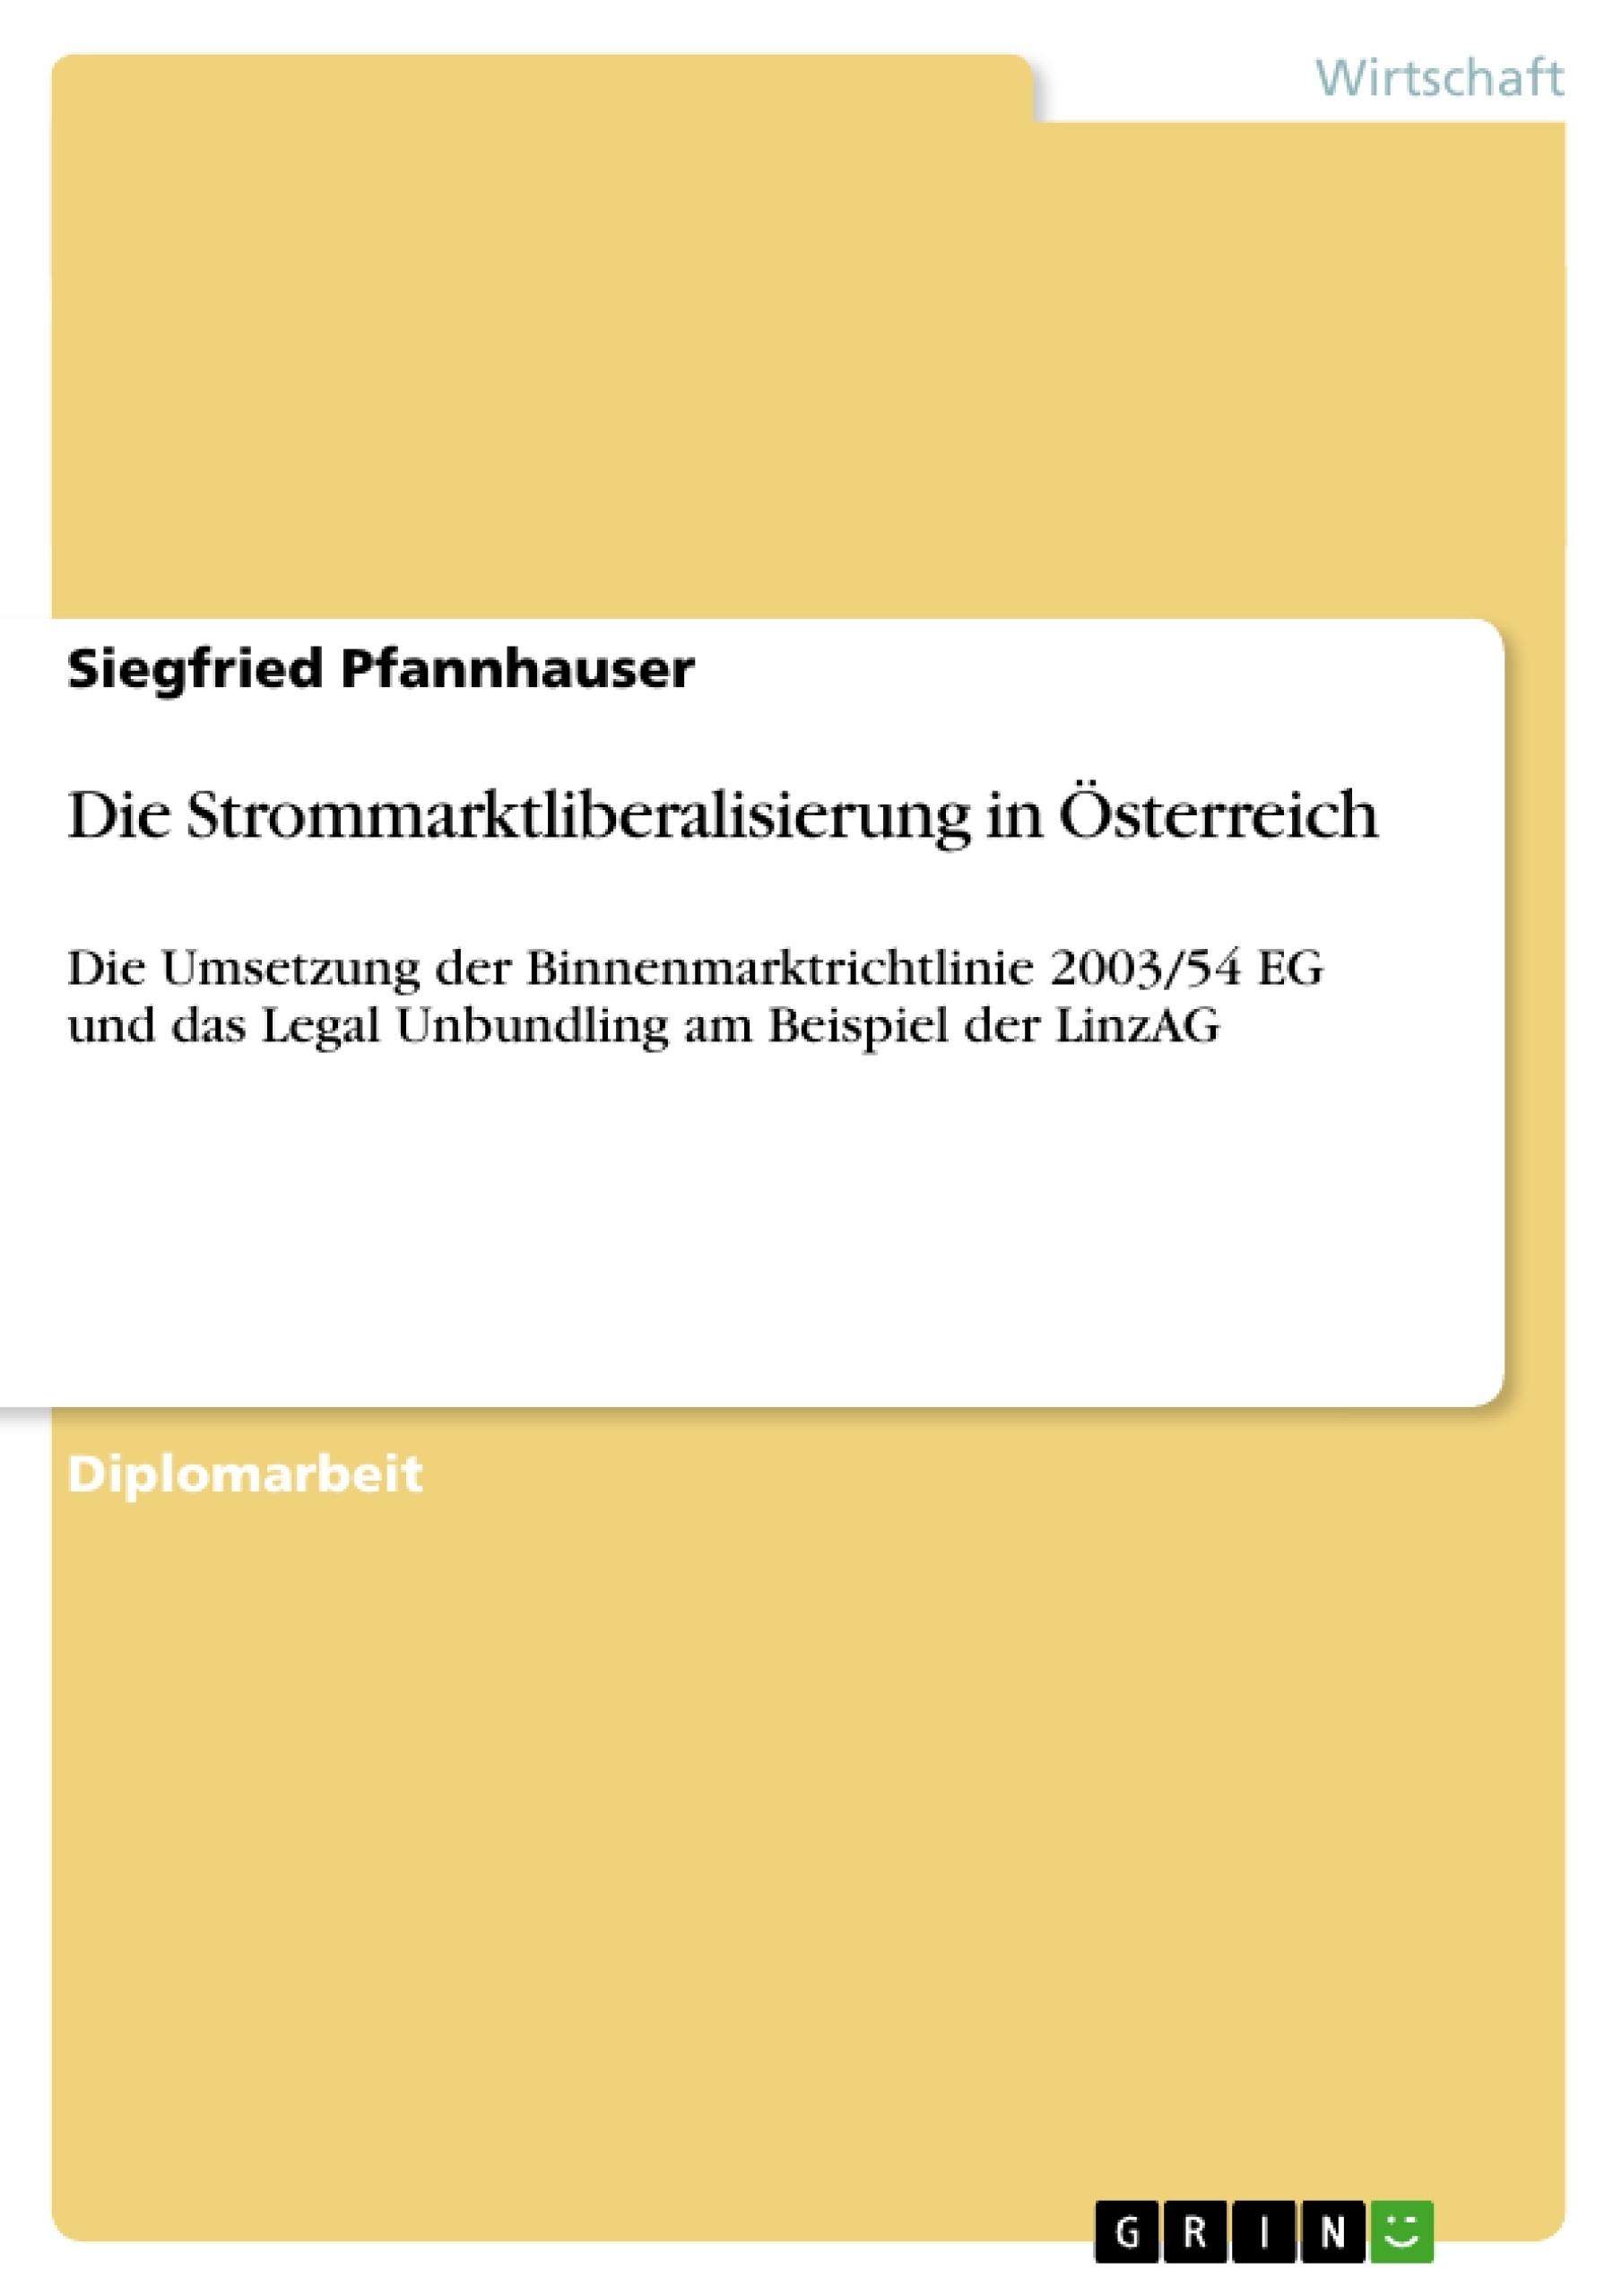 Die Strommarktliberalisierung in Österreich | Masterarbeit ...